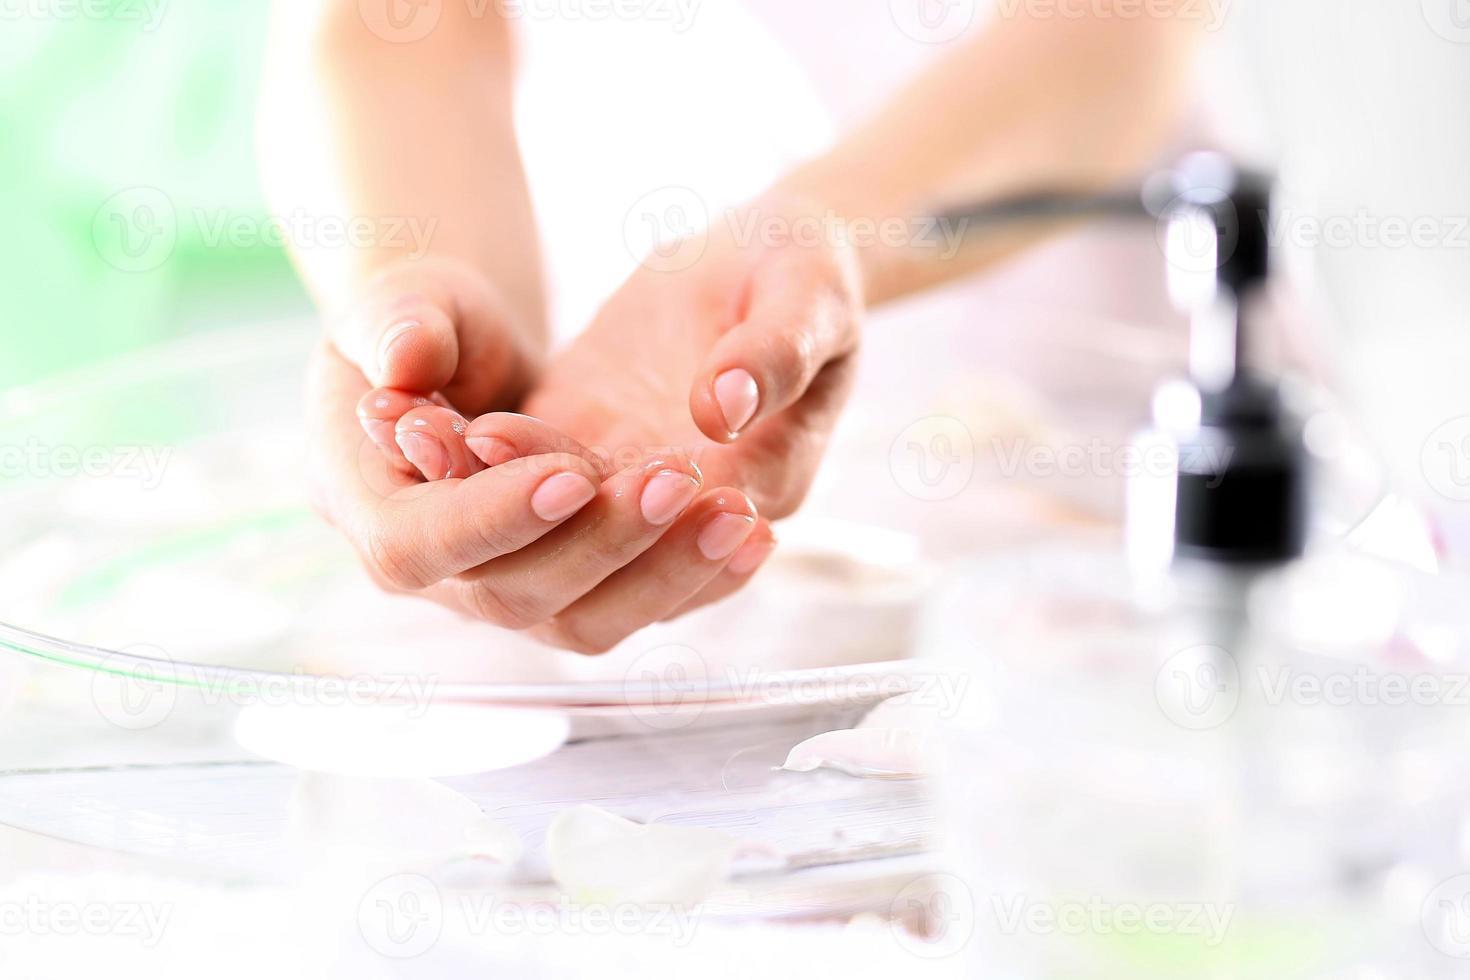 recuerden lavarse las manos foto